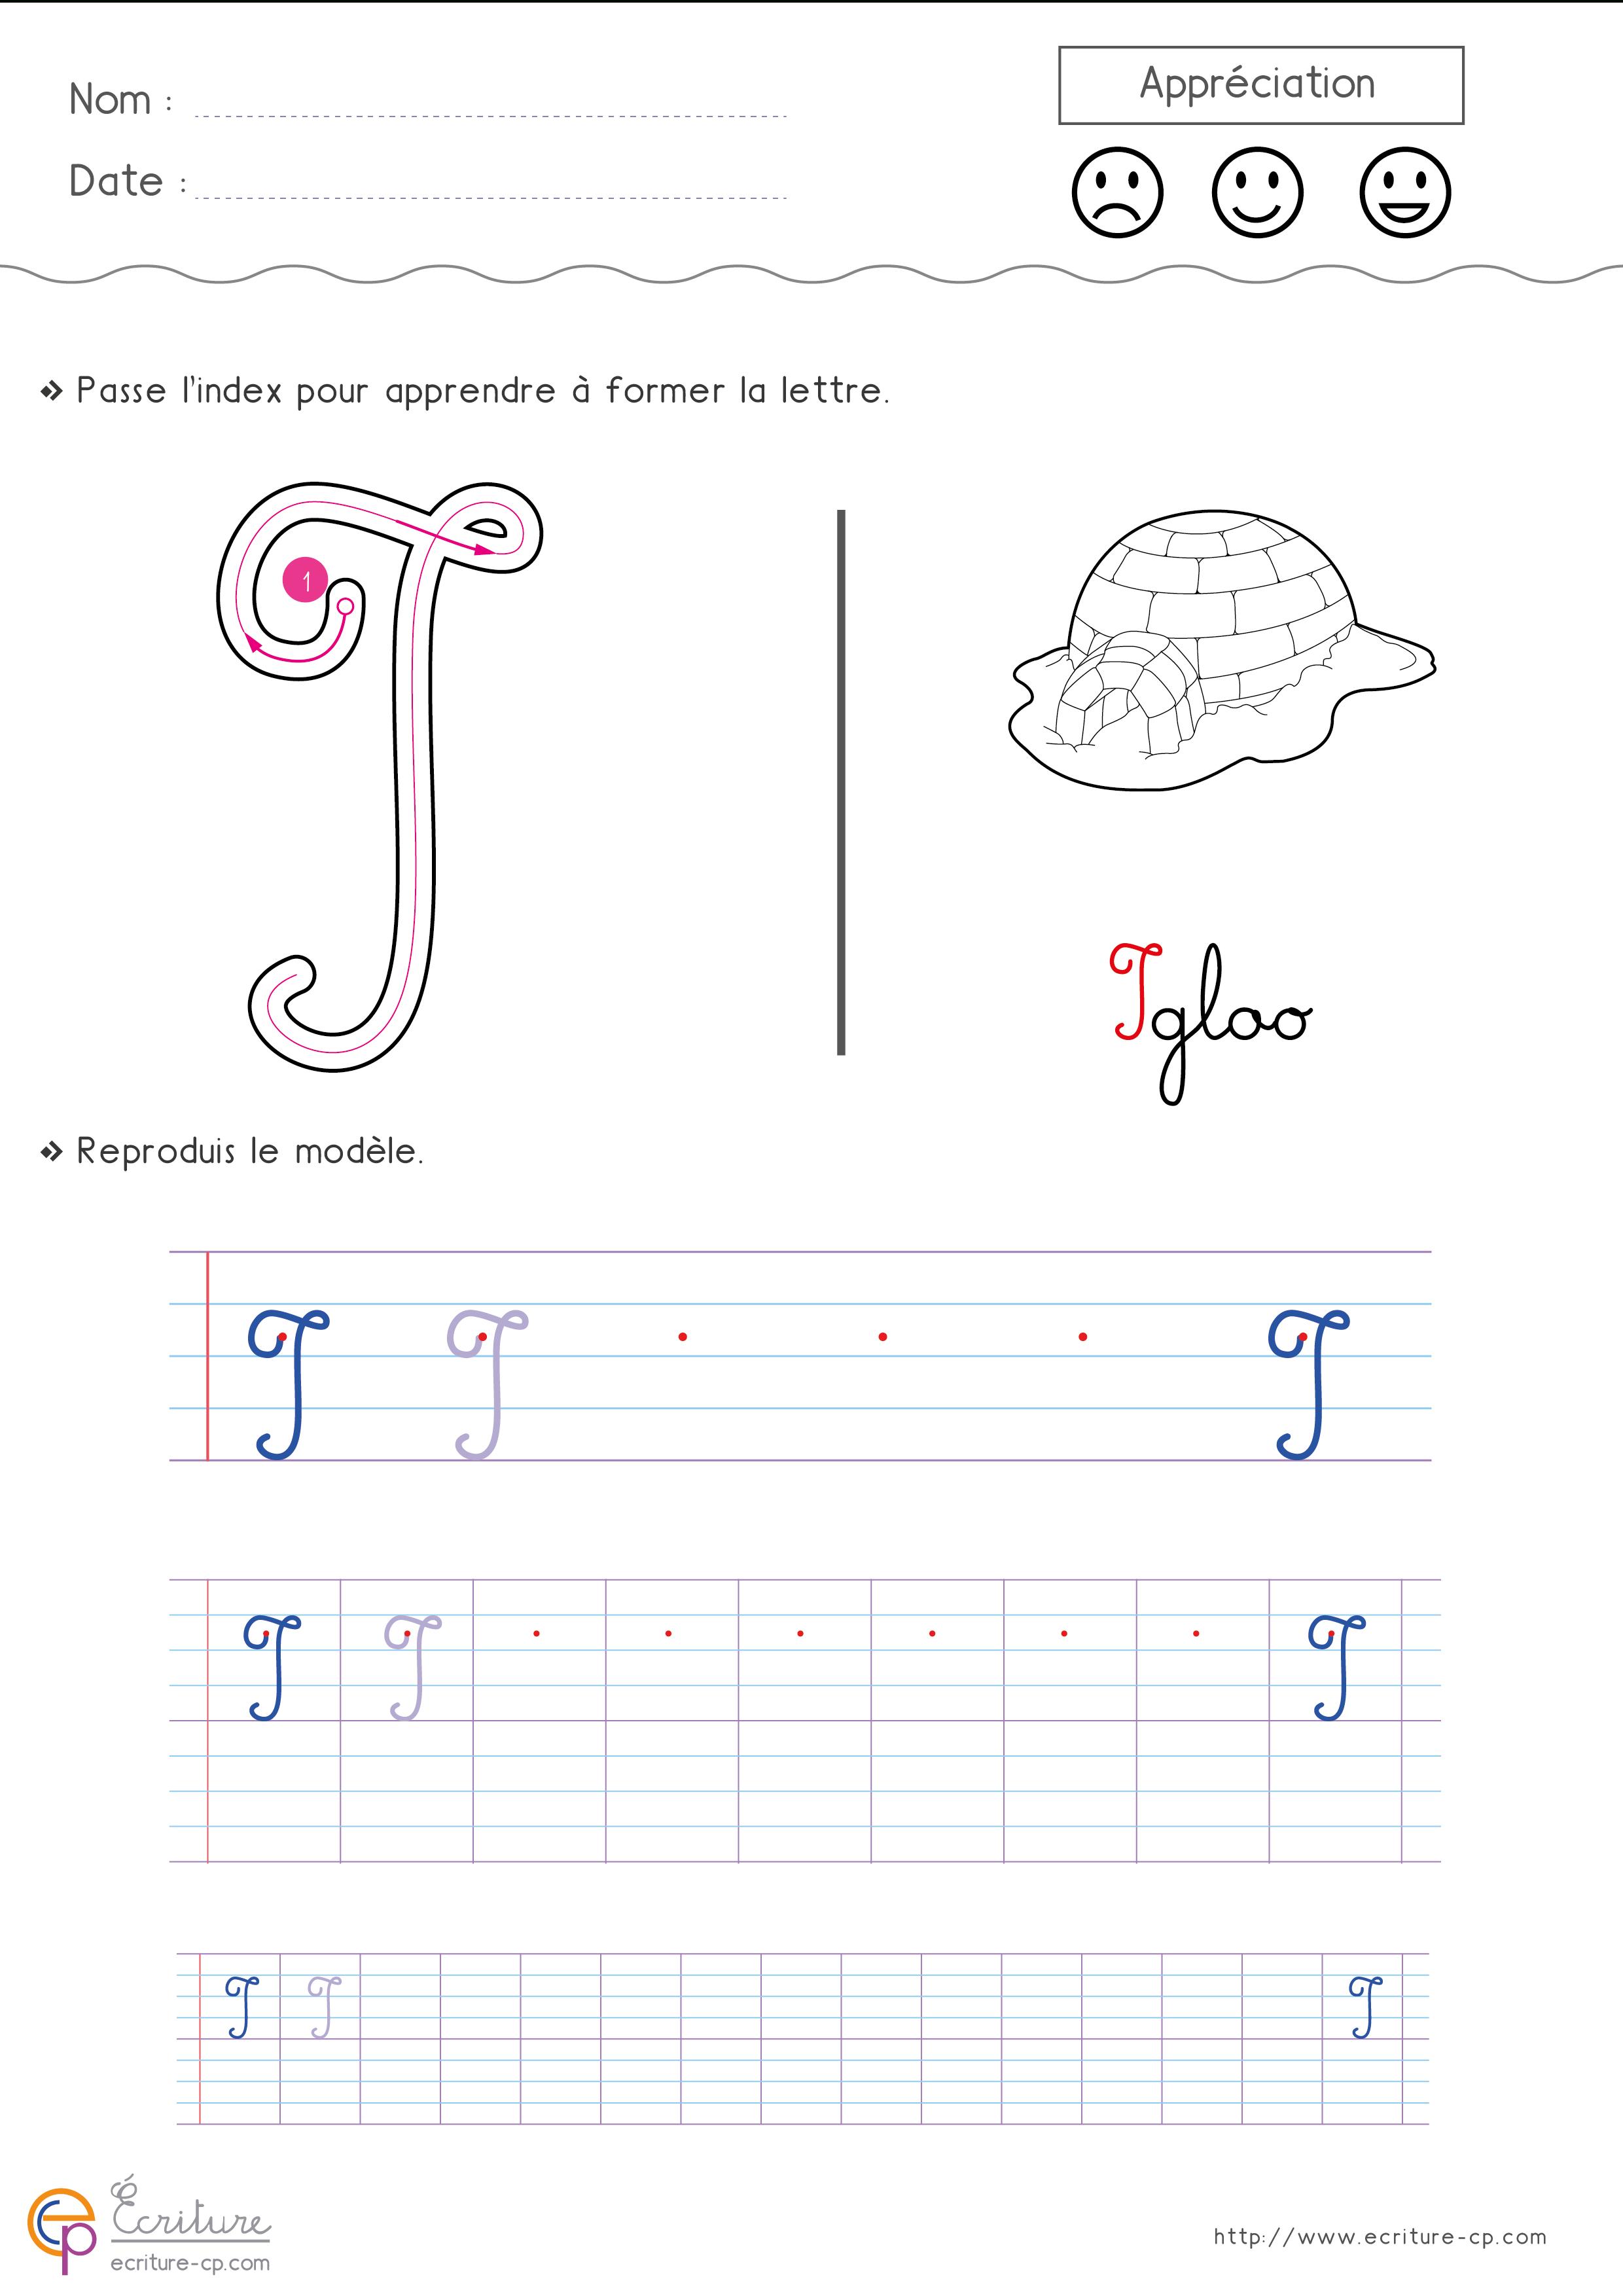 Écrire L'Alphabet Majuscule Cursive Cp Ce1 | Fiche D dedans Lettre En Cursive Majuscule